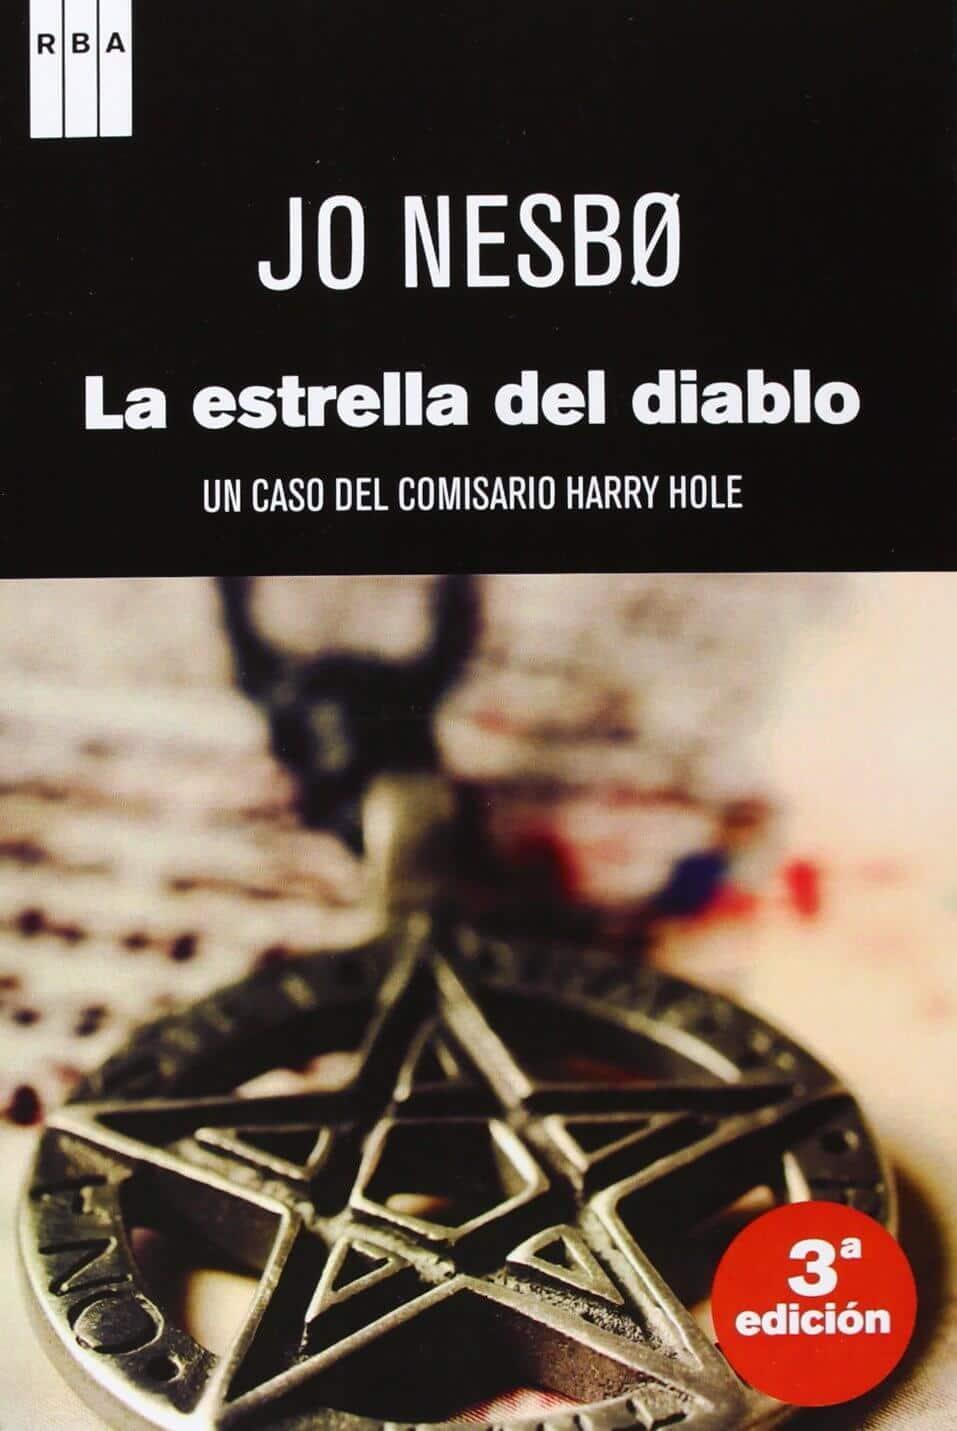 Descargar el libro La estrella del diablo (PDF - ePUB)